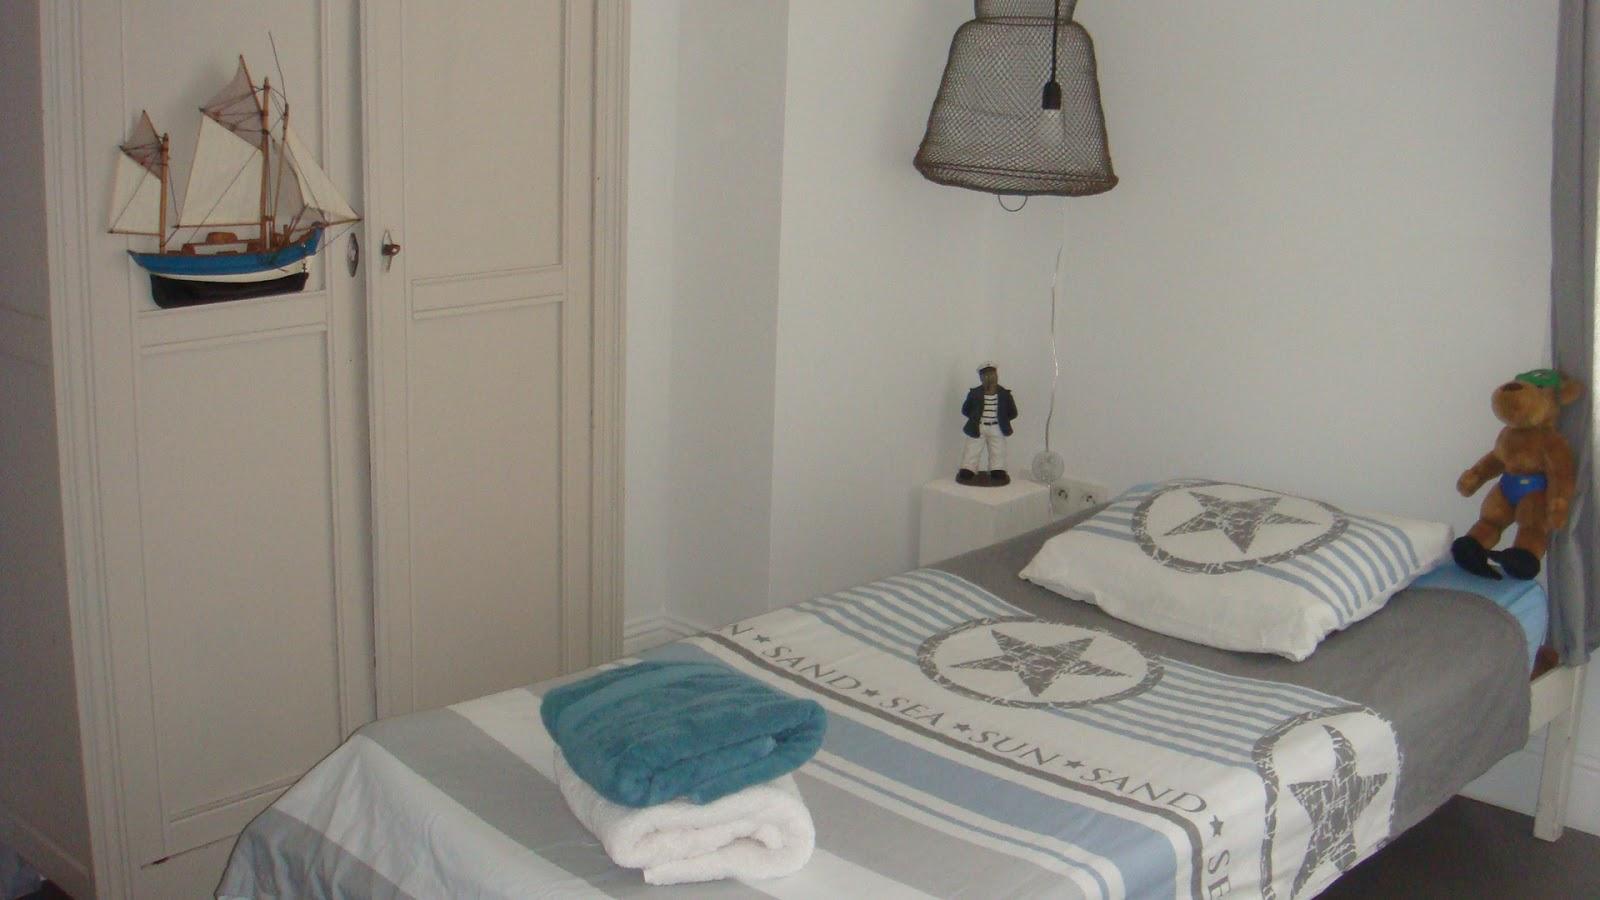 Chambres D 39 H Tes L Zignan La C Be C T Terrasse Tarif